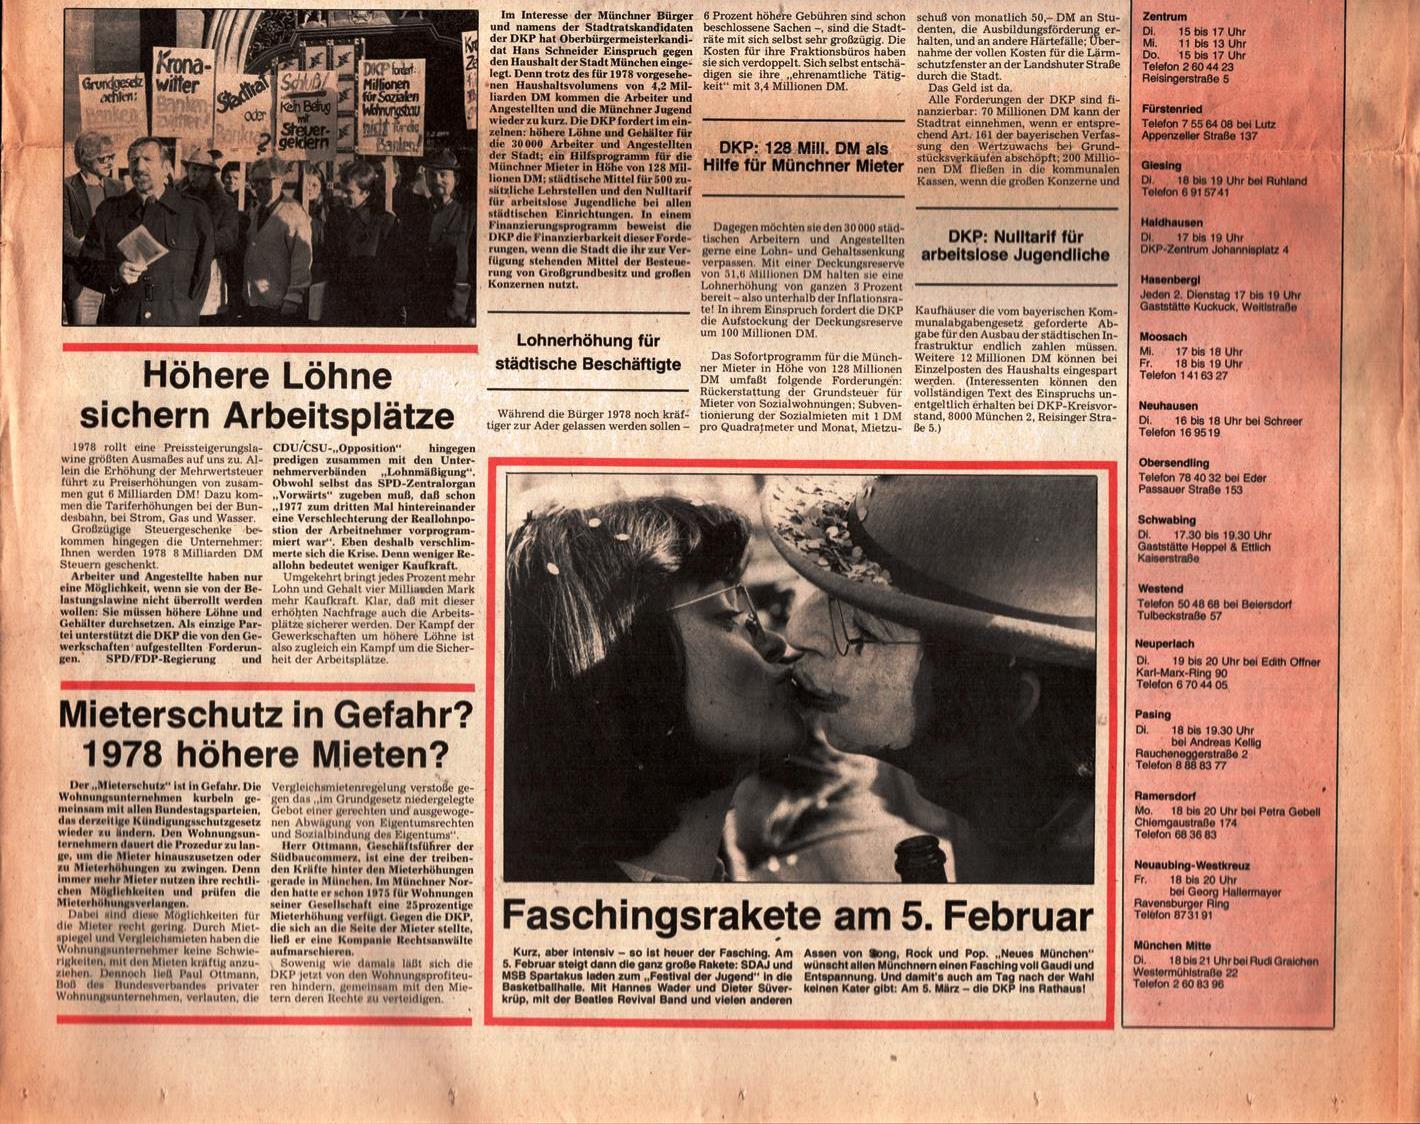 Muenchen_DKP_Neues_Muenchen_19780100_001_002